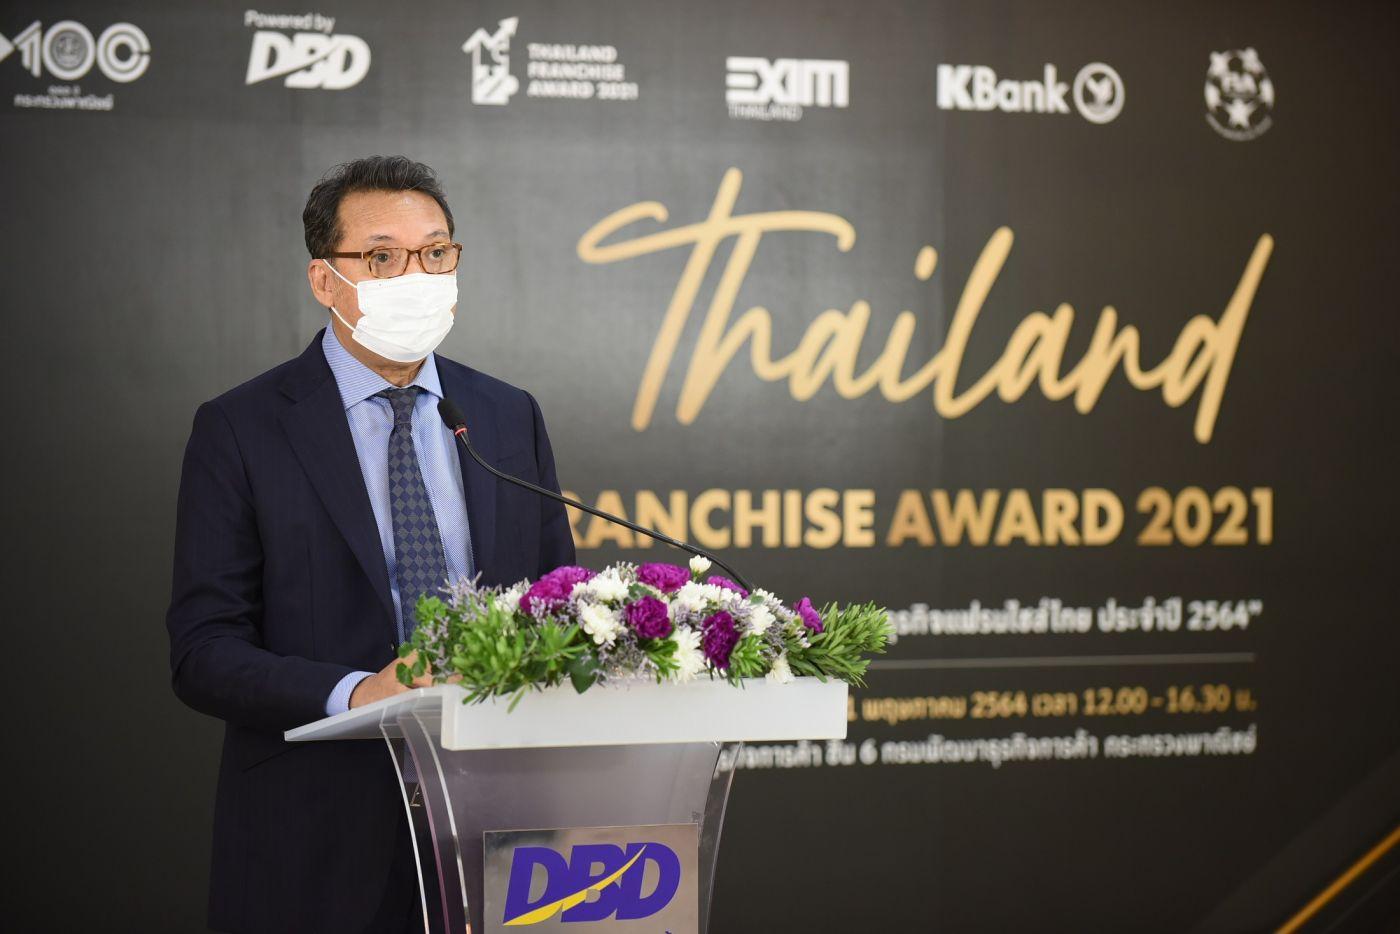 กรมพัฒนาธุรกิจการค้า ใช้ธุรกิจแฟรนไชส์ 'สร้างงาน สร้างอาชีพ สร้างรายได้' ช่วยเหลือประชาชนที่ได้รับผลกระทบจากการแพร่ระบาดของโรคโควิด-19 พร้อมจัดงาน Thailand Franchise Award 2021 : TFA2021 สร้างความเชื่อมั่นให้ธุรกิจ